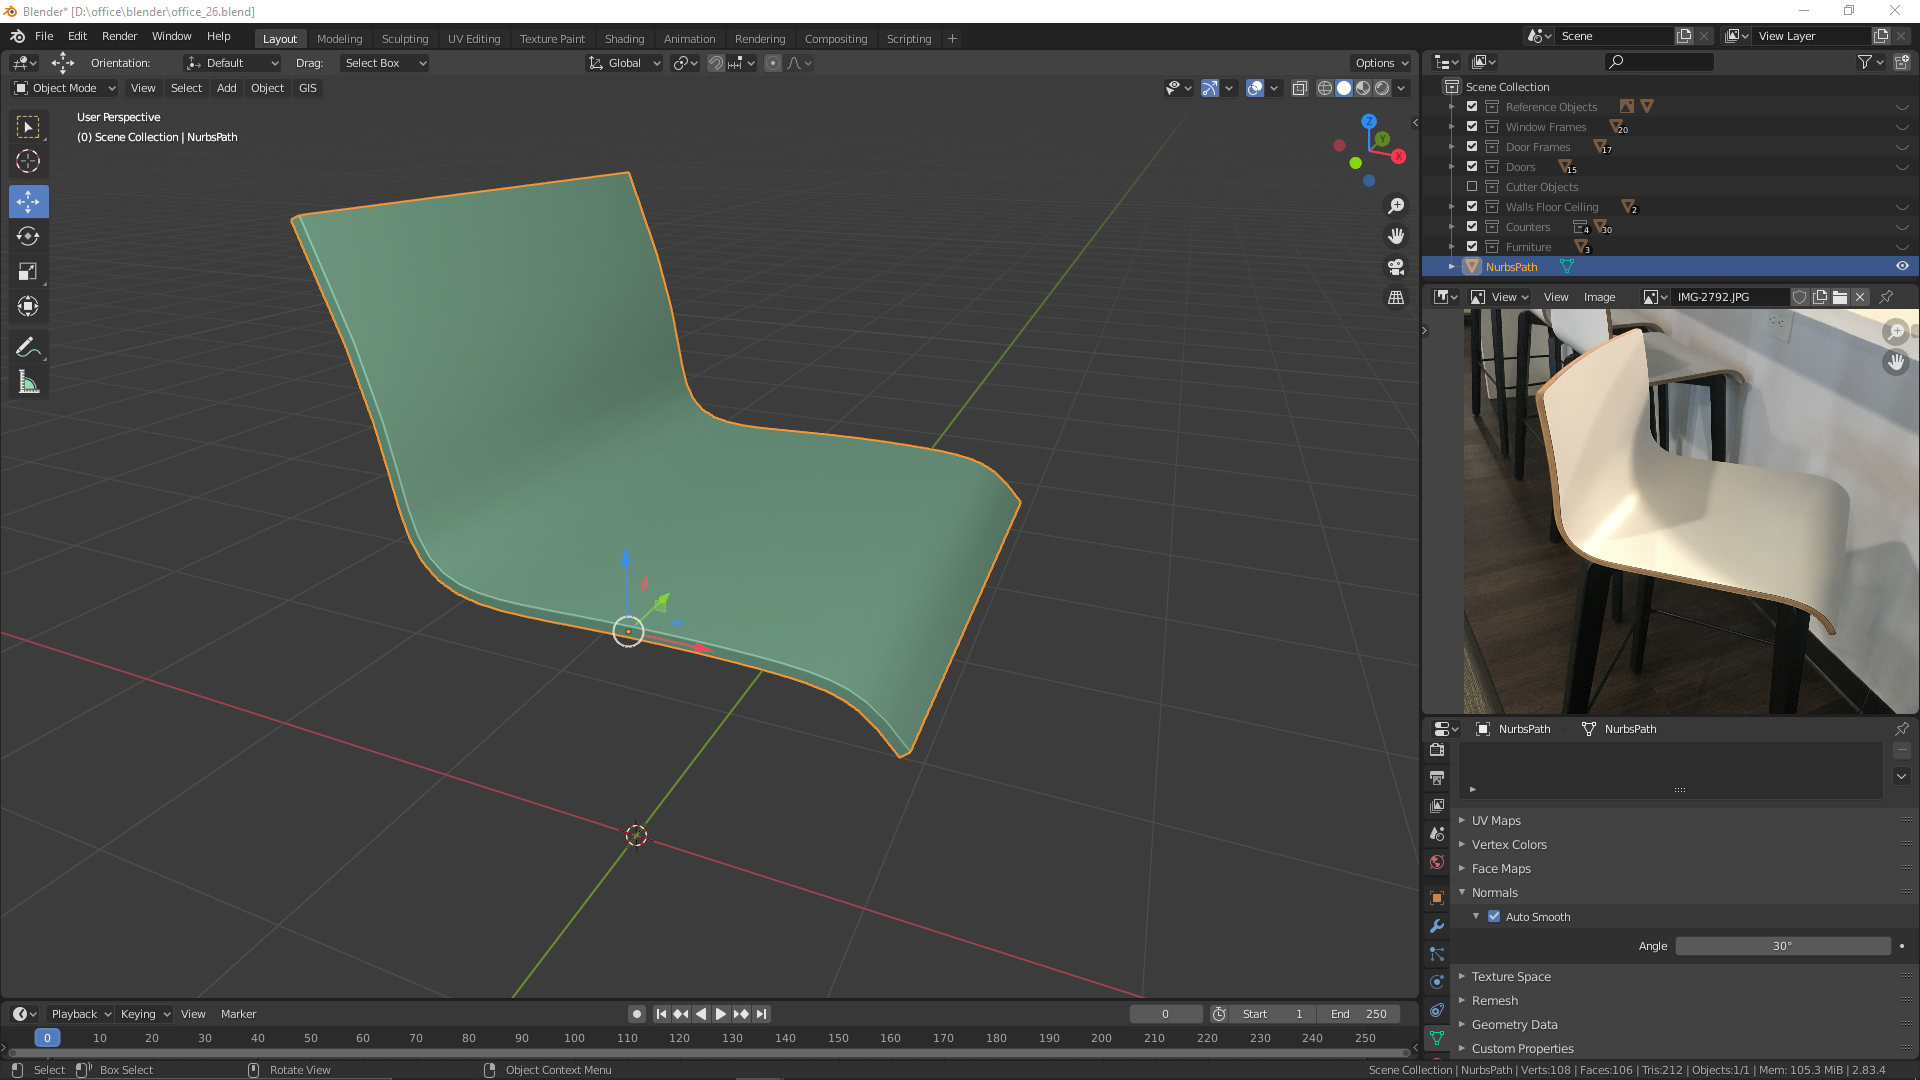 3D-Visualisierung: Hocker